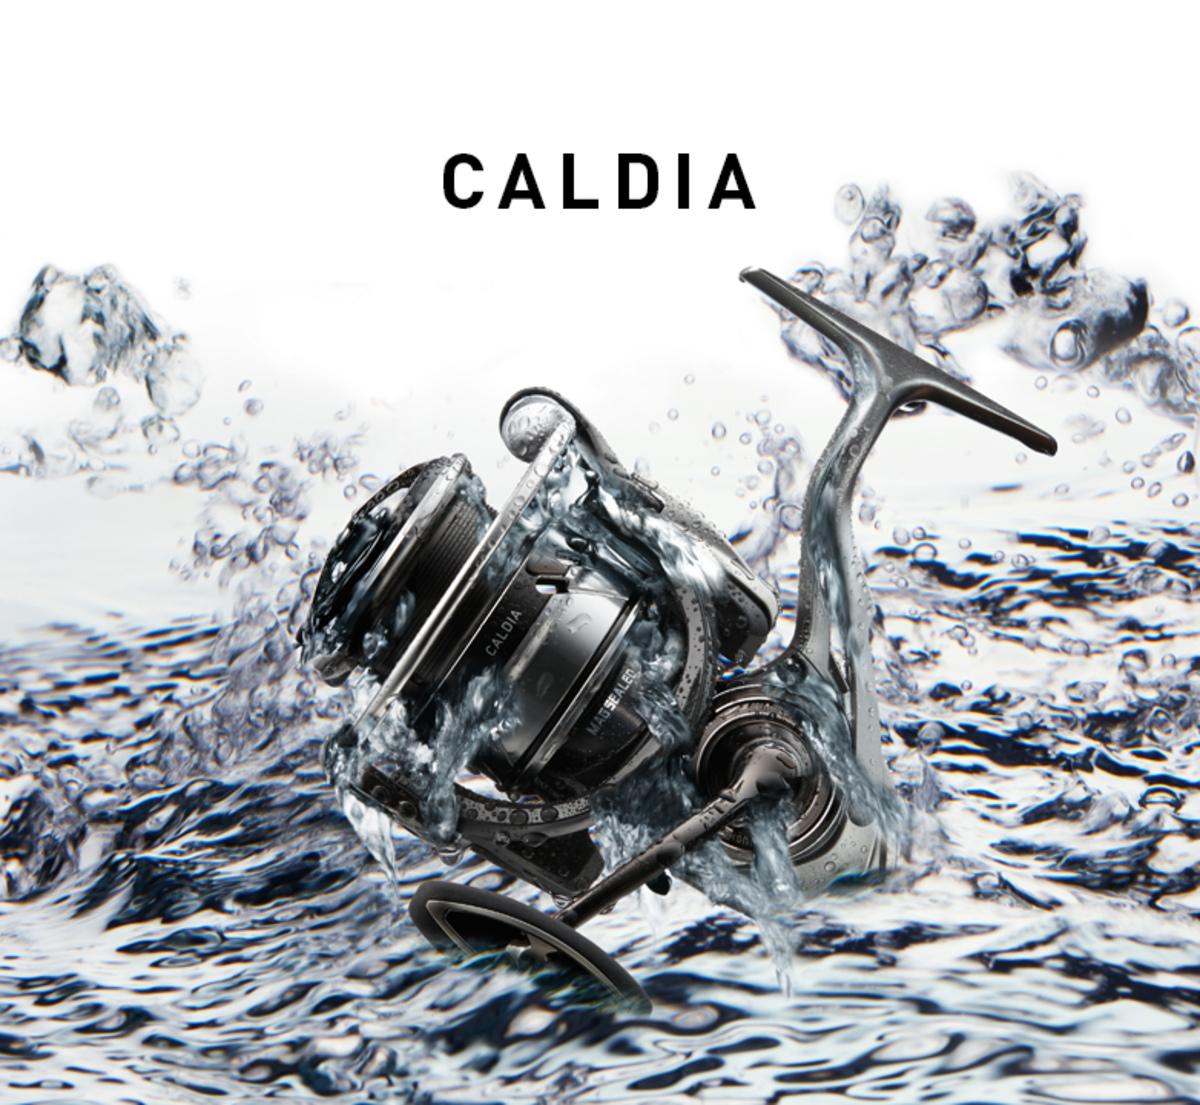 DAIWA CALDIA LT 2018 เบอร์ 3000